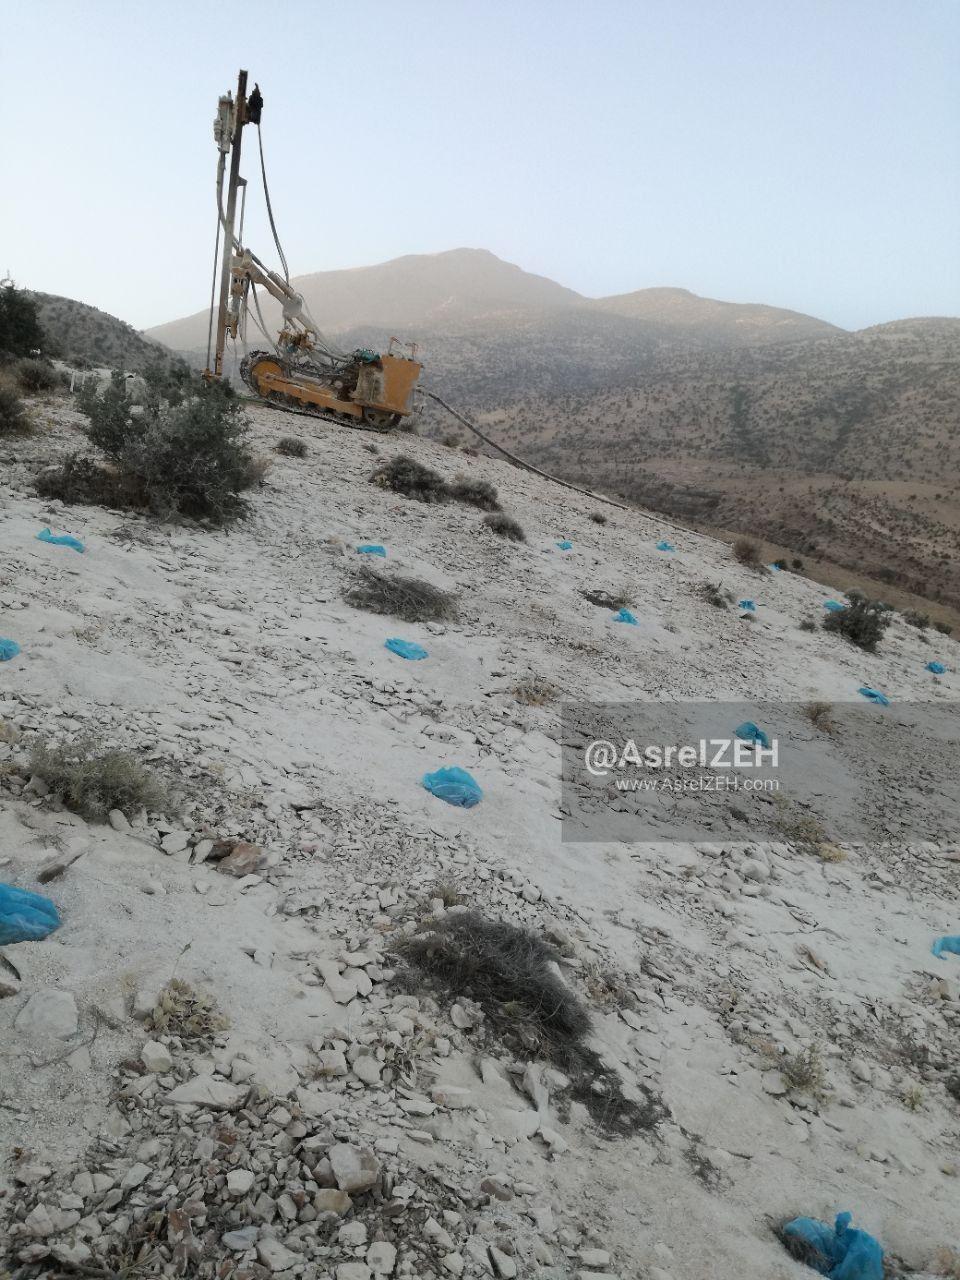 پروژه برداشت سنگ از دامنه کوه منگشت با دستور قضایی متوقف شد